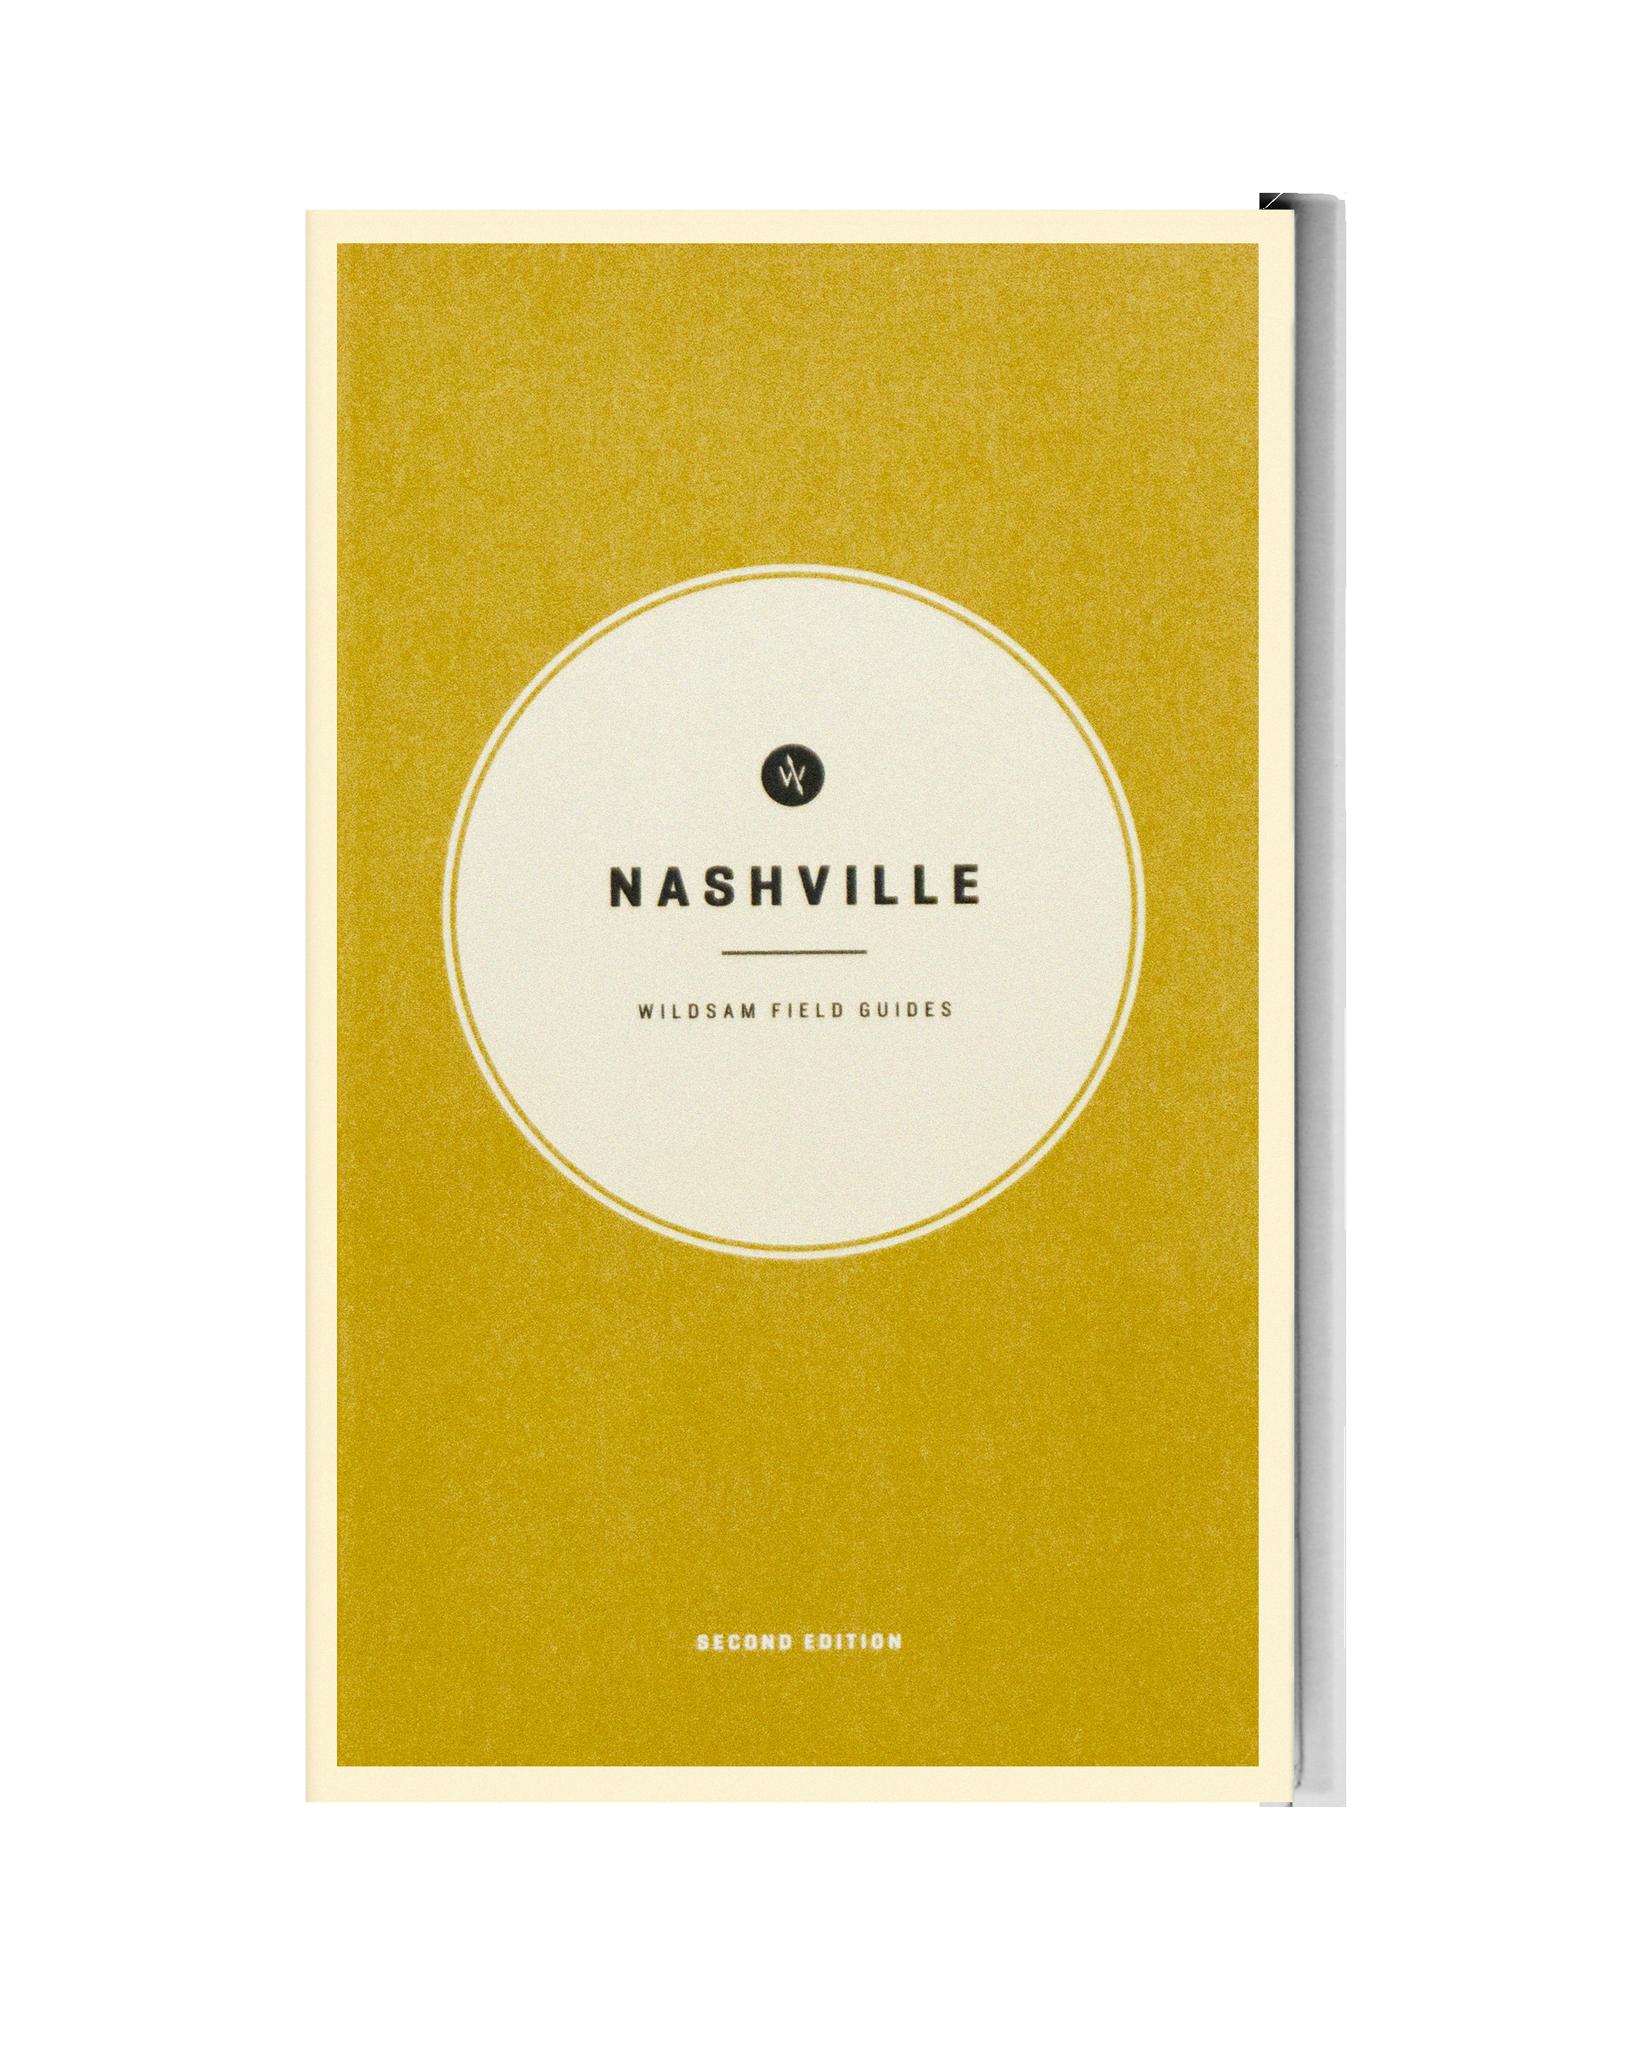 NASHVILLE_COVER_FLAT.png